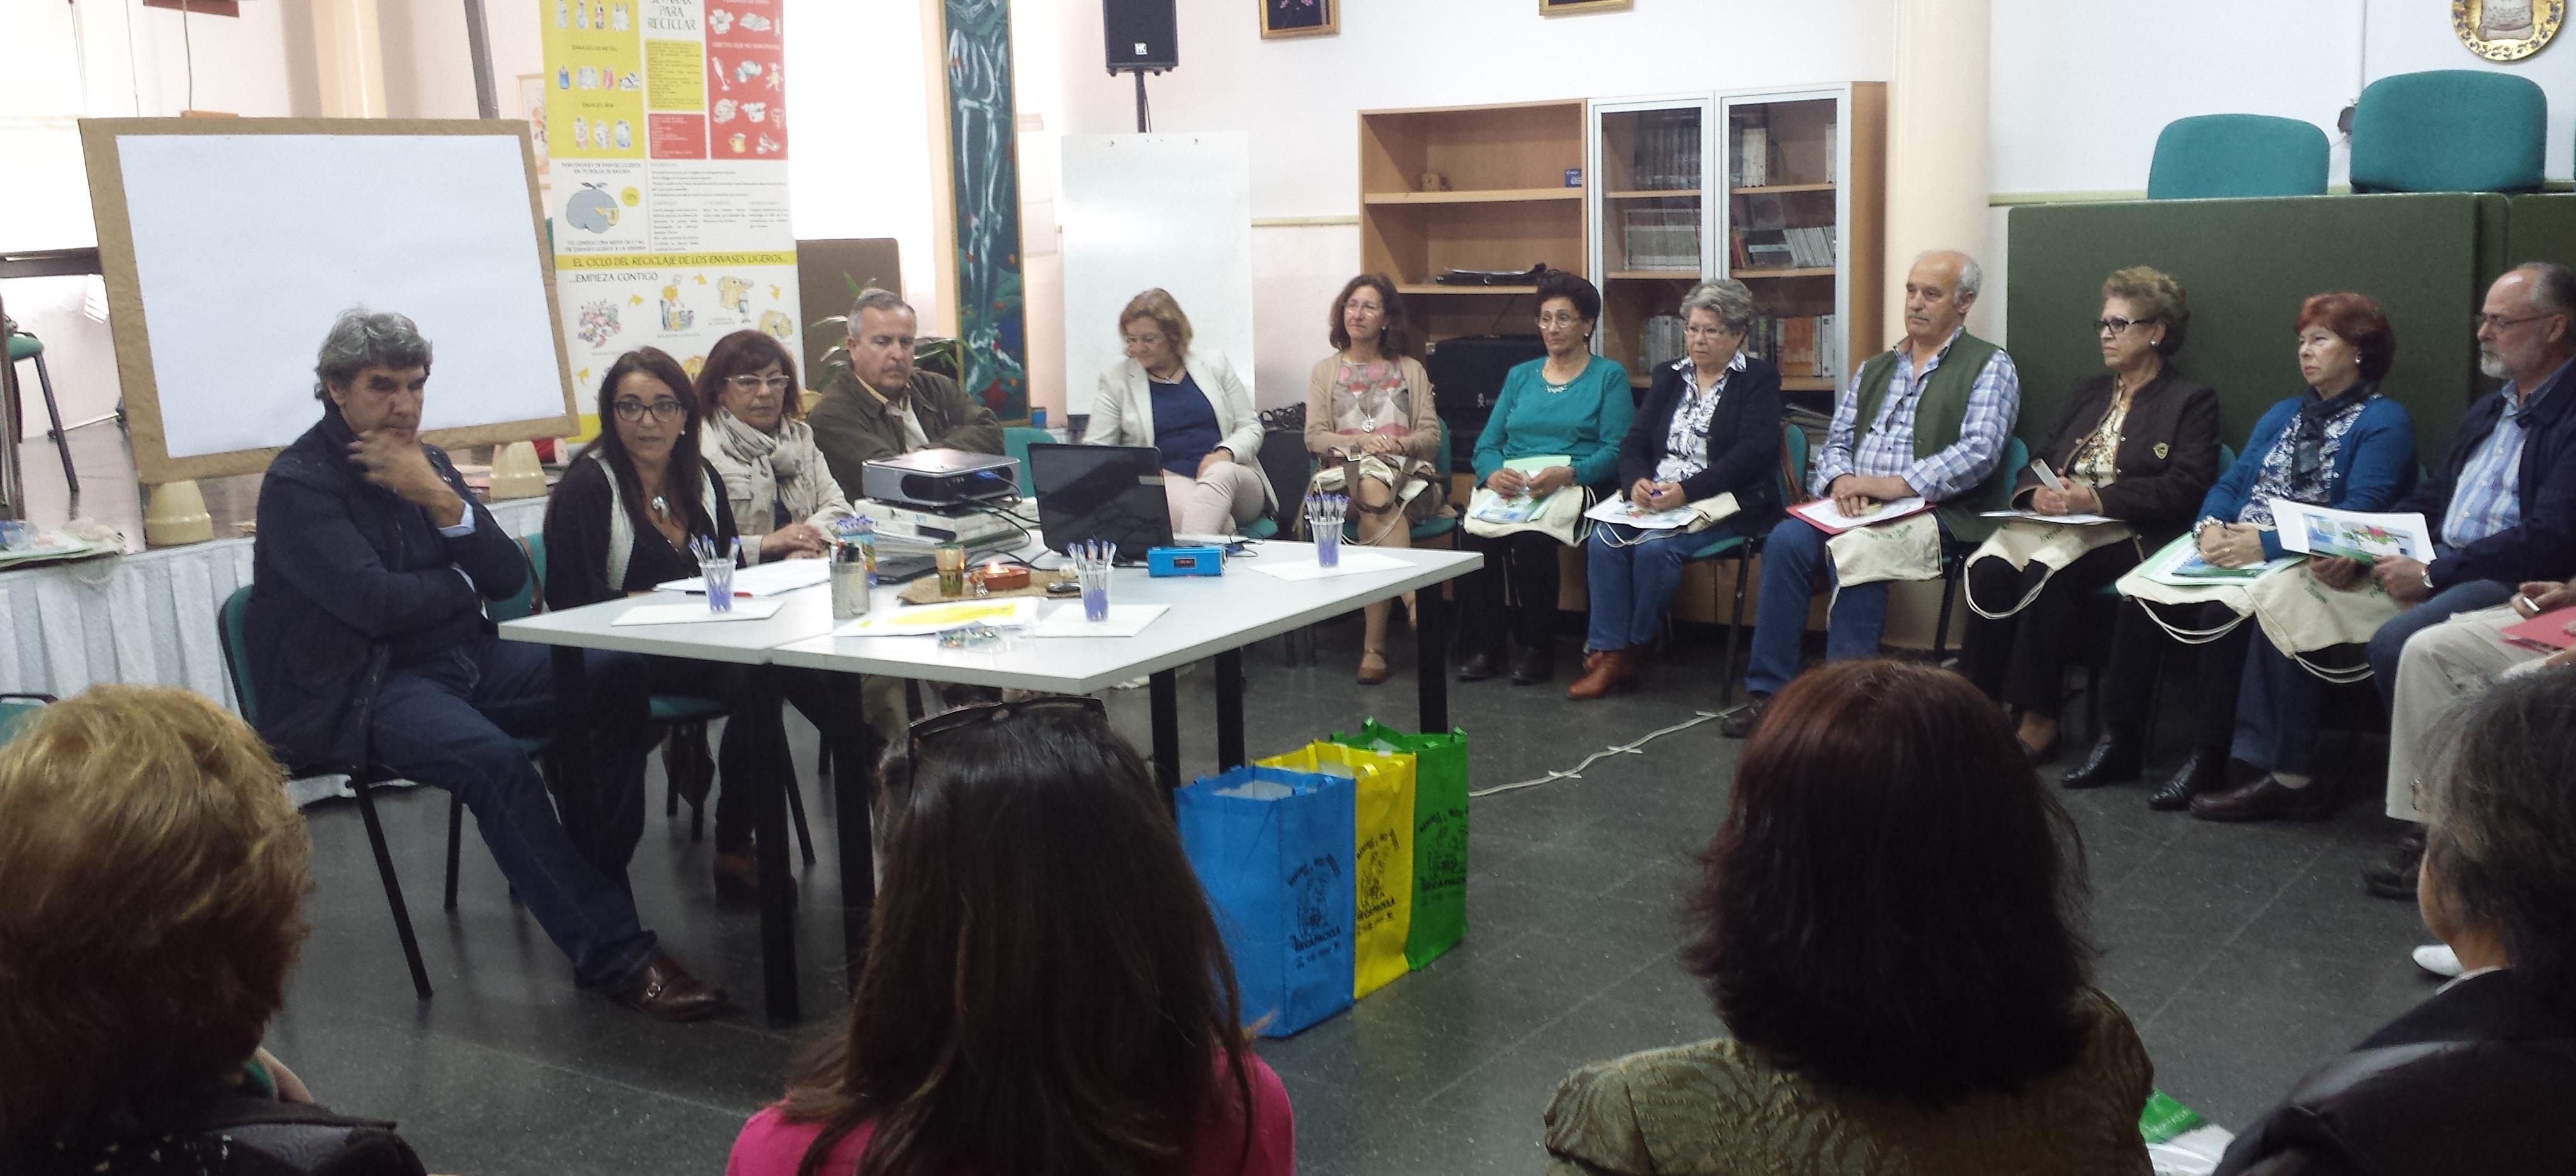 """Más de 300 mayores de ocho centros de día onubenses """"se apuntan"""" al reciclaje con el programa Recapacicla"""